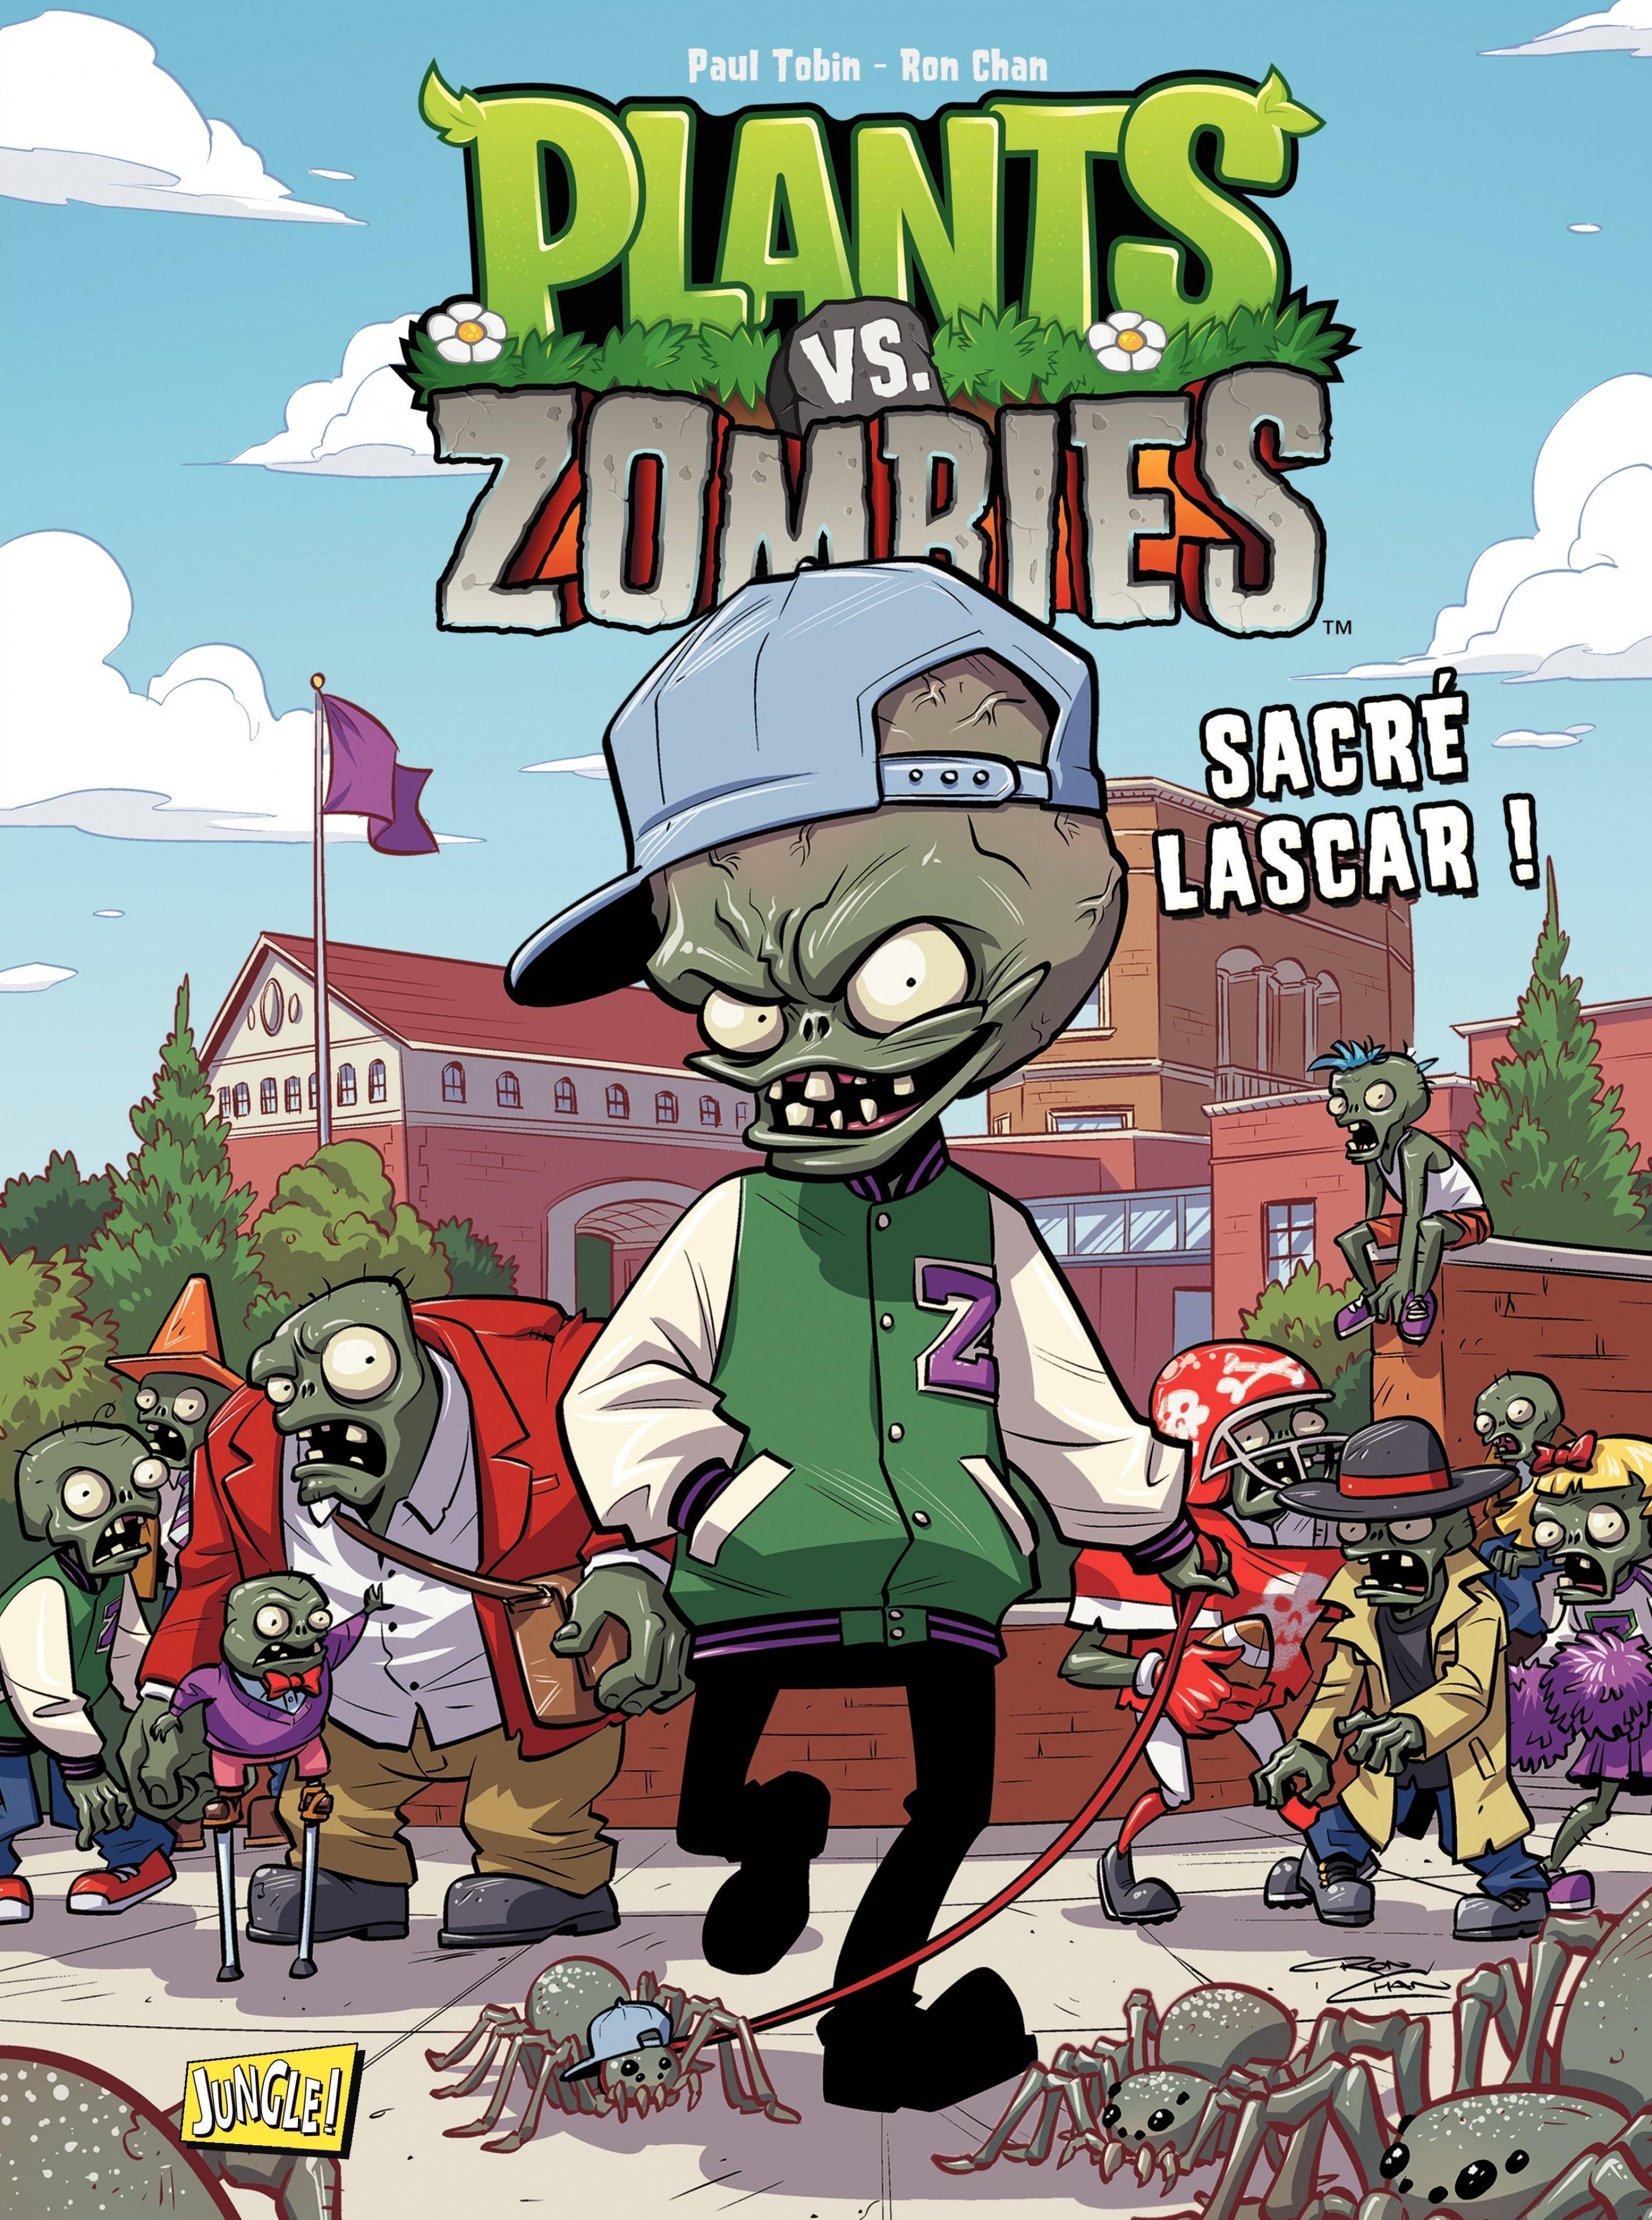 Plants vs zombies - Tome 3 - Sacré Lascar |